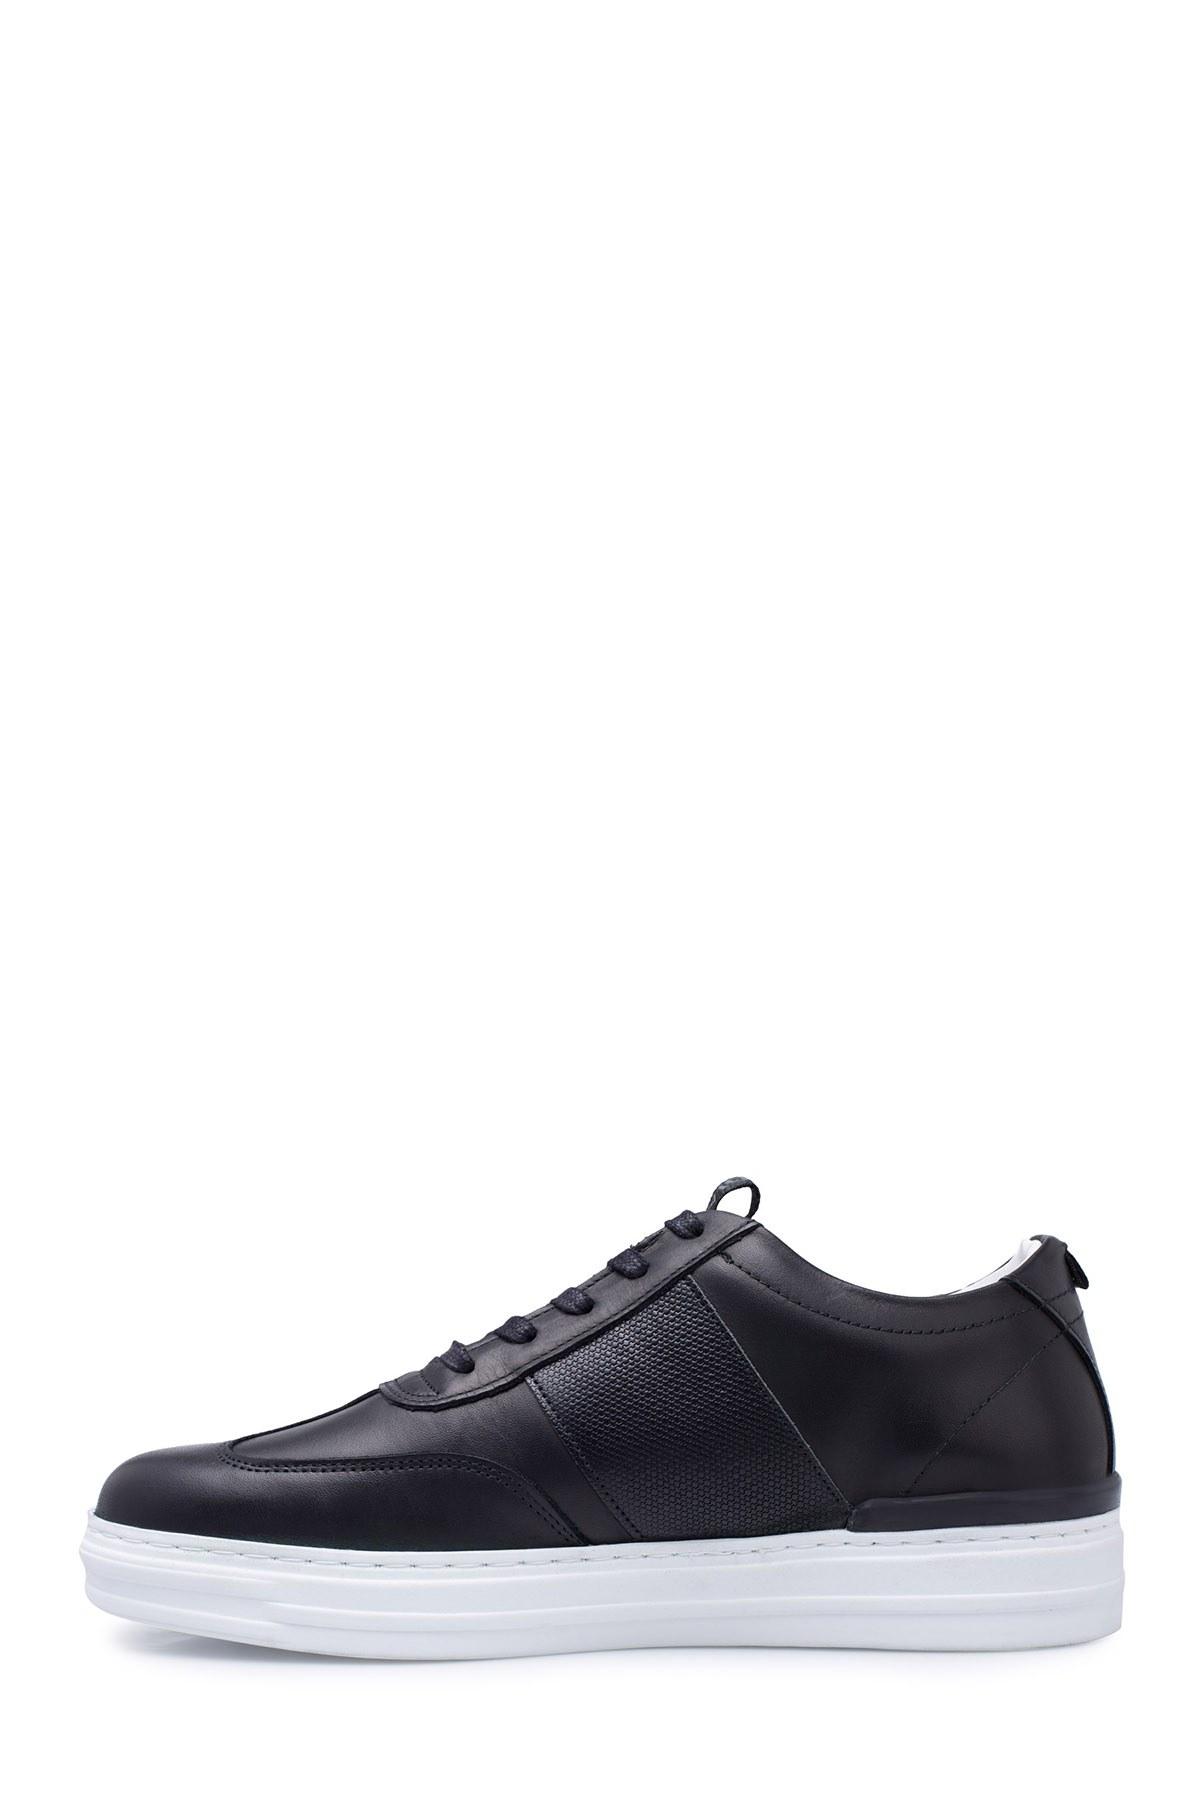 Alberto Guardiani Erkek Ayakkabı AGU101111 SİYAH